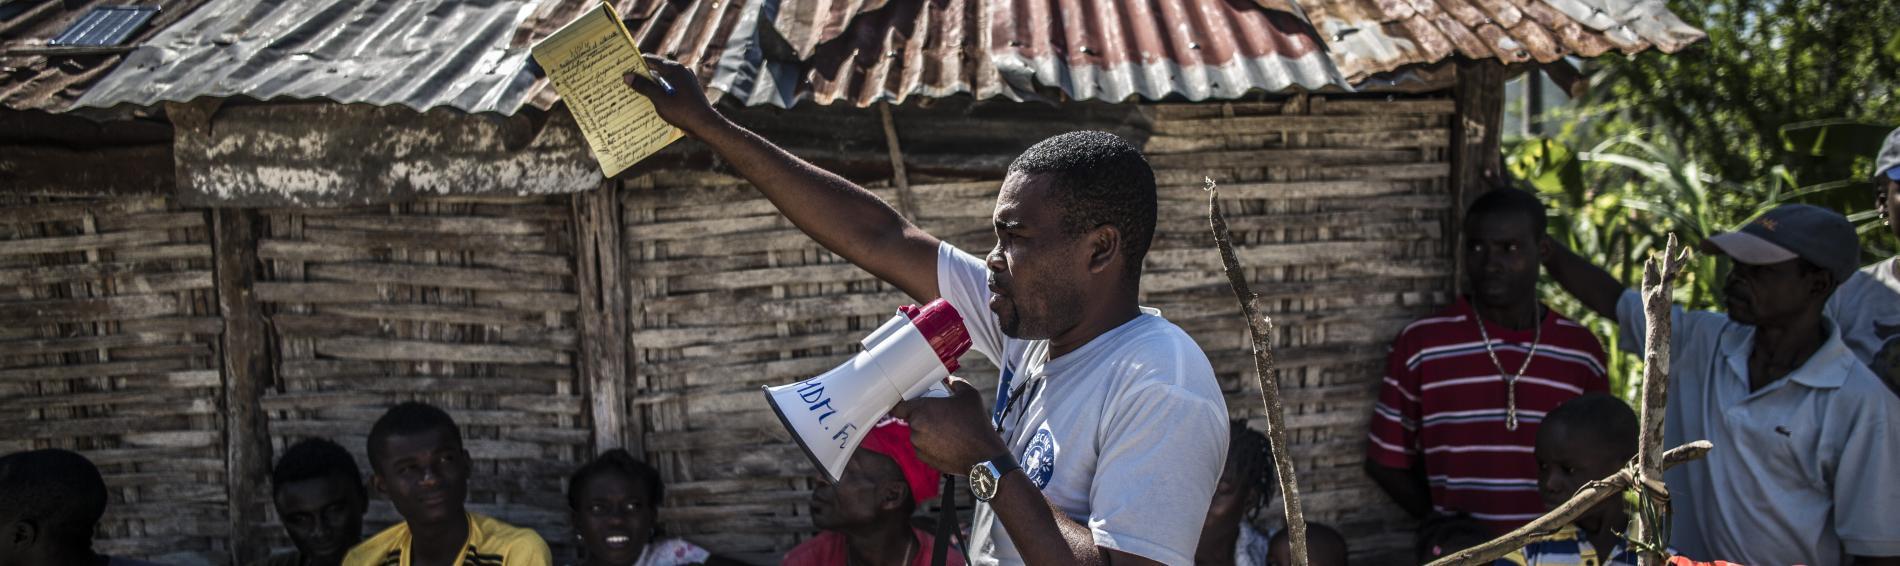 Ärzte der Welt setzt sich weltweit für das Menschenrecht Gesundheit ein. Foto: Olivier Papegnies